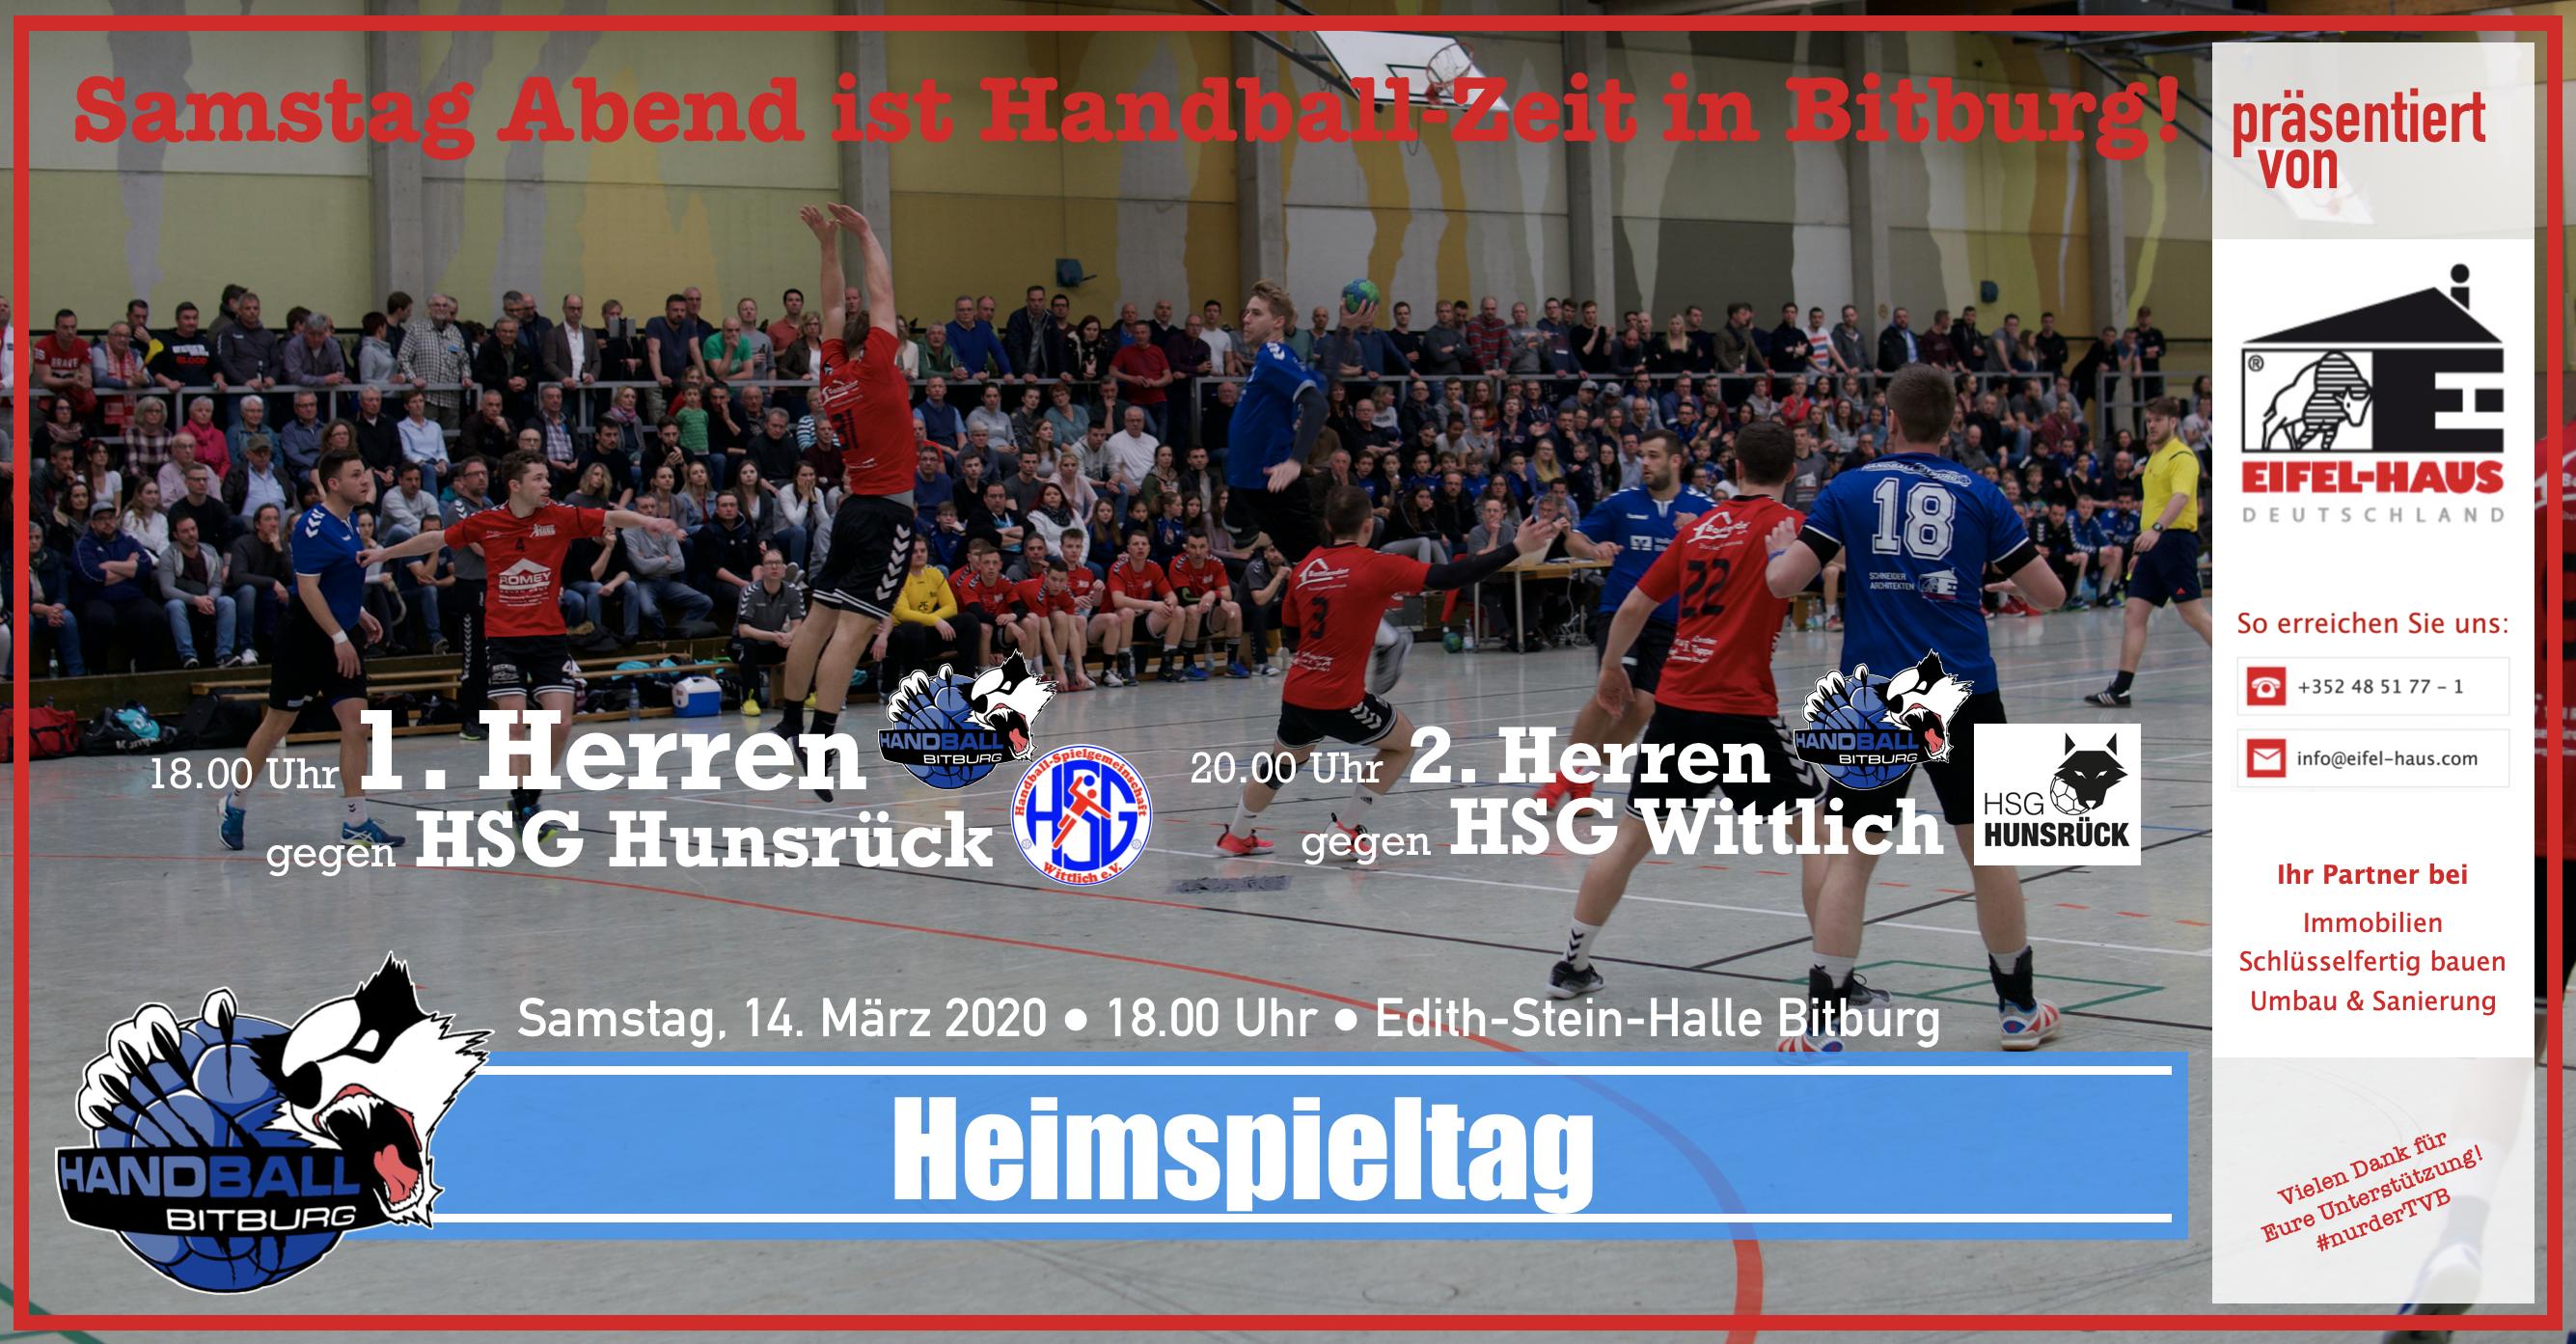 Eifelhaus-Heimspieltag: 1. Herren gegen HSG Hunsrück – der Vorbericht